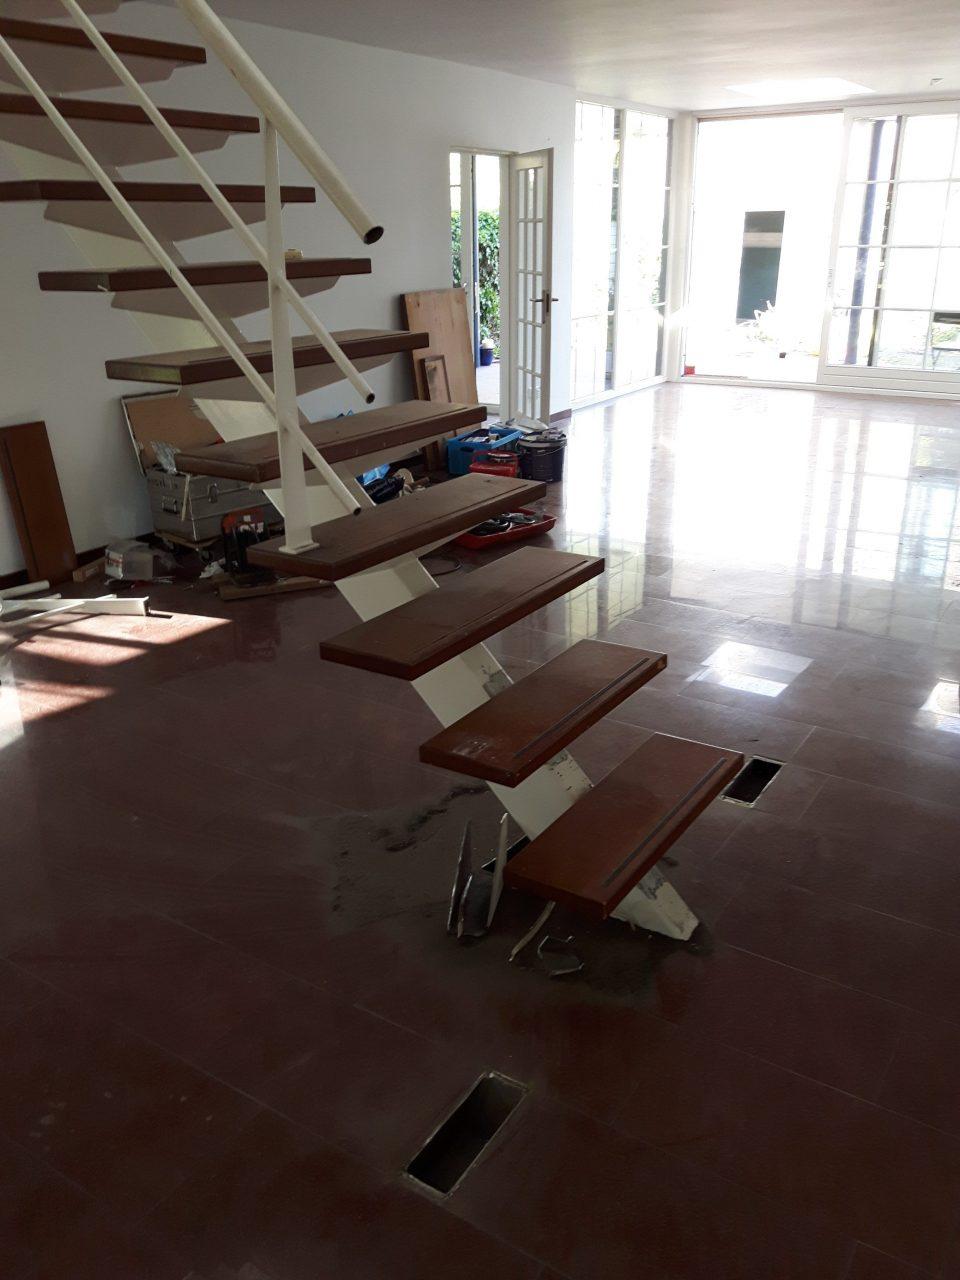 Stalen trap renovatie waarbij het bordes dat onderaan de trap zat is verwijderd en vervangen is door  drie treden.